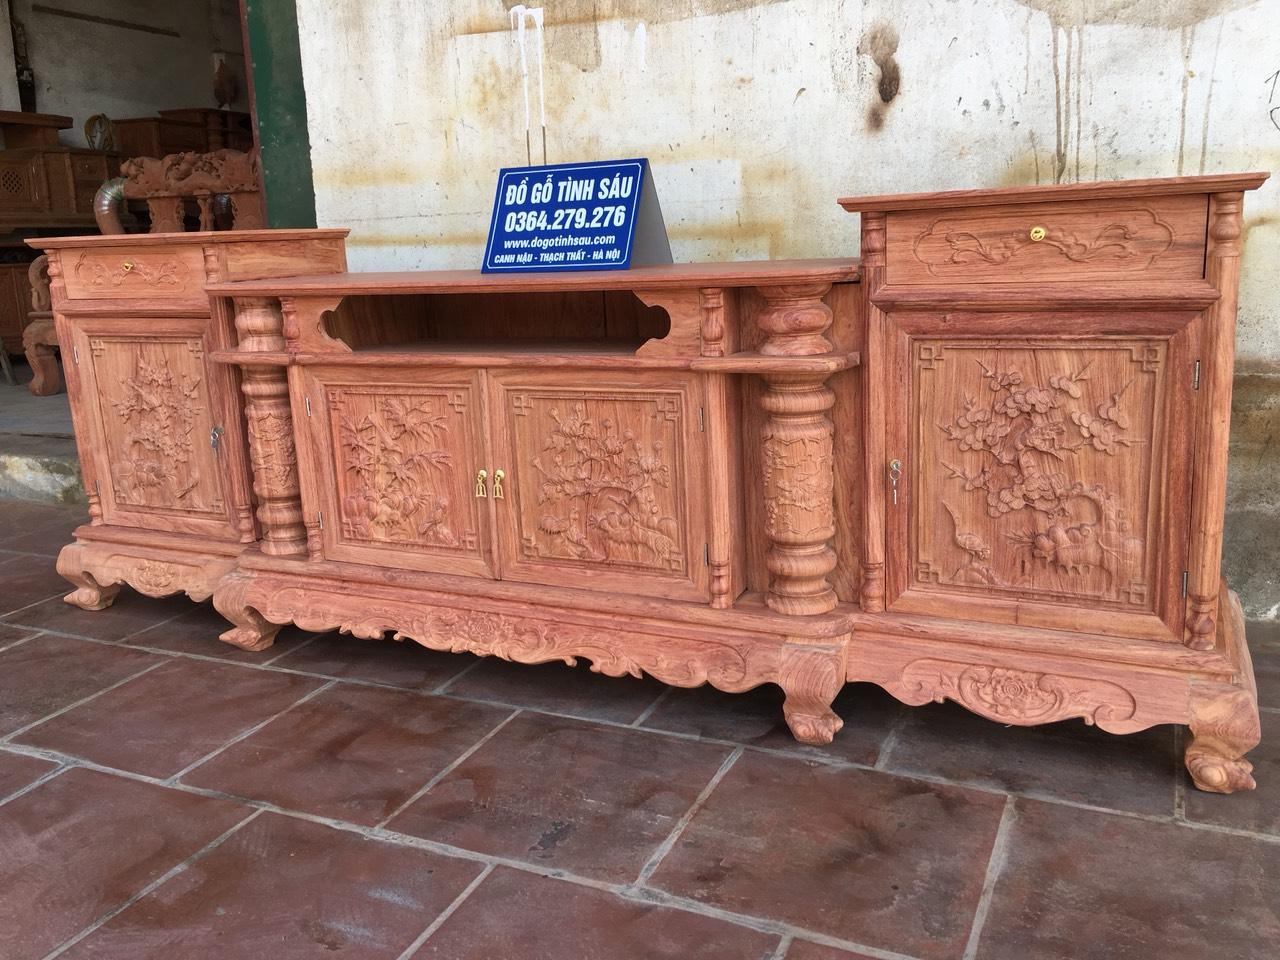 ke huong da canh 1.5 - Kệ tivi cột nho gỗ hương đá cánh thẳng (cánh dày 1.5 phân)